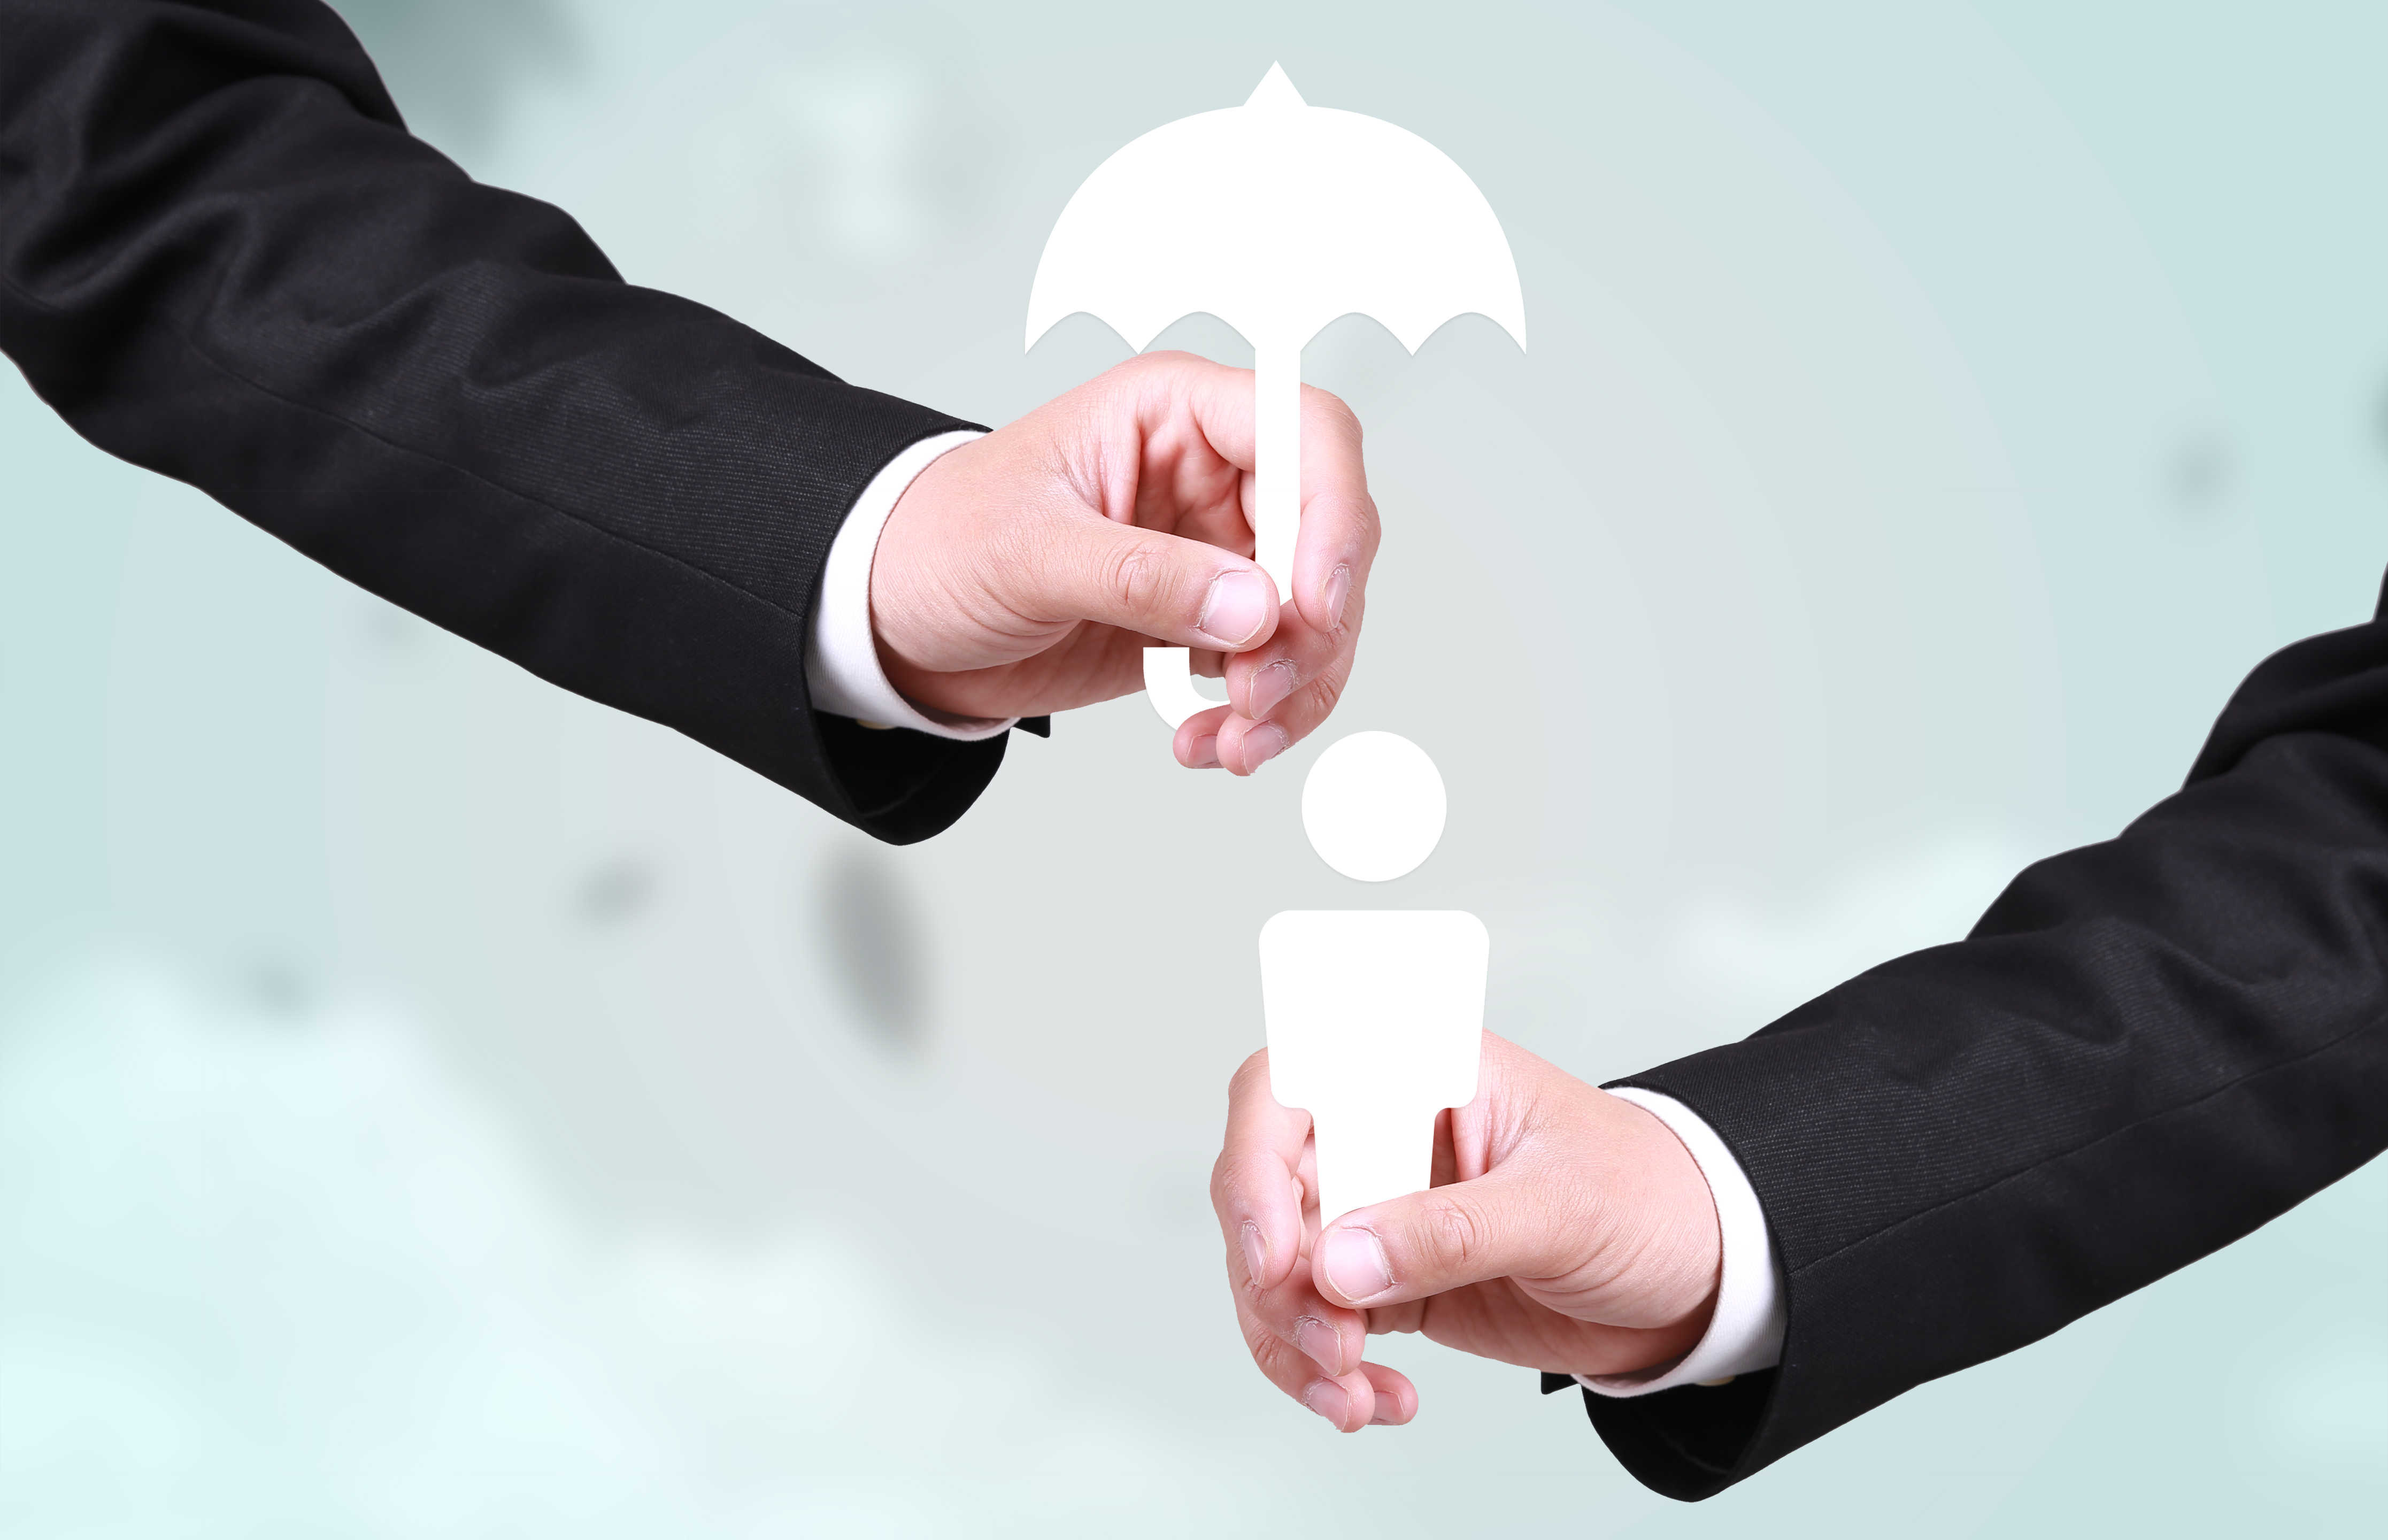 如何办理停保业务,代缴社保的企业,代理社保